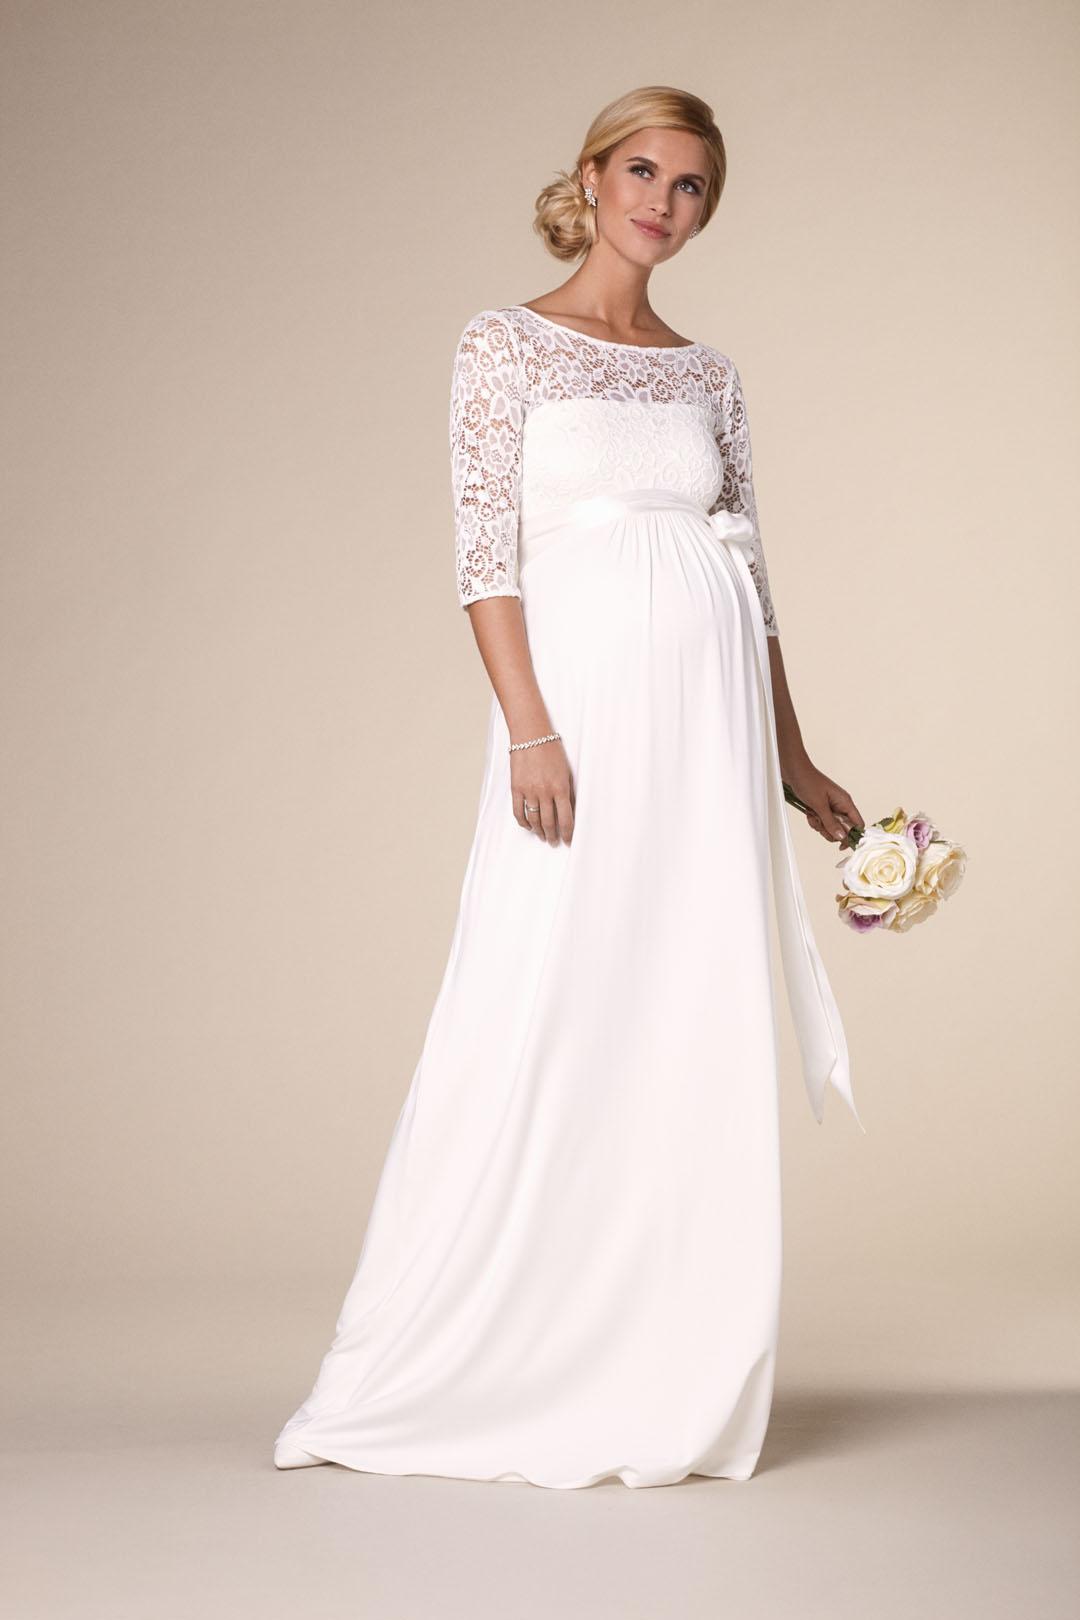 Brautkleider für Schwangere - Kollektion 19 bei Bösckens in Erkelenz